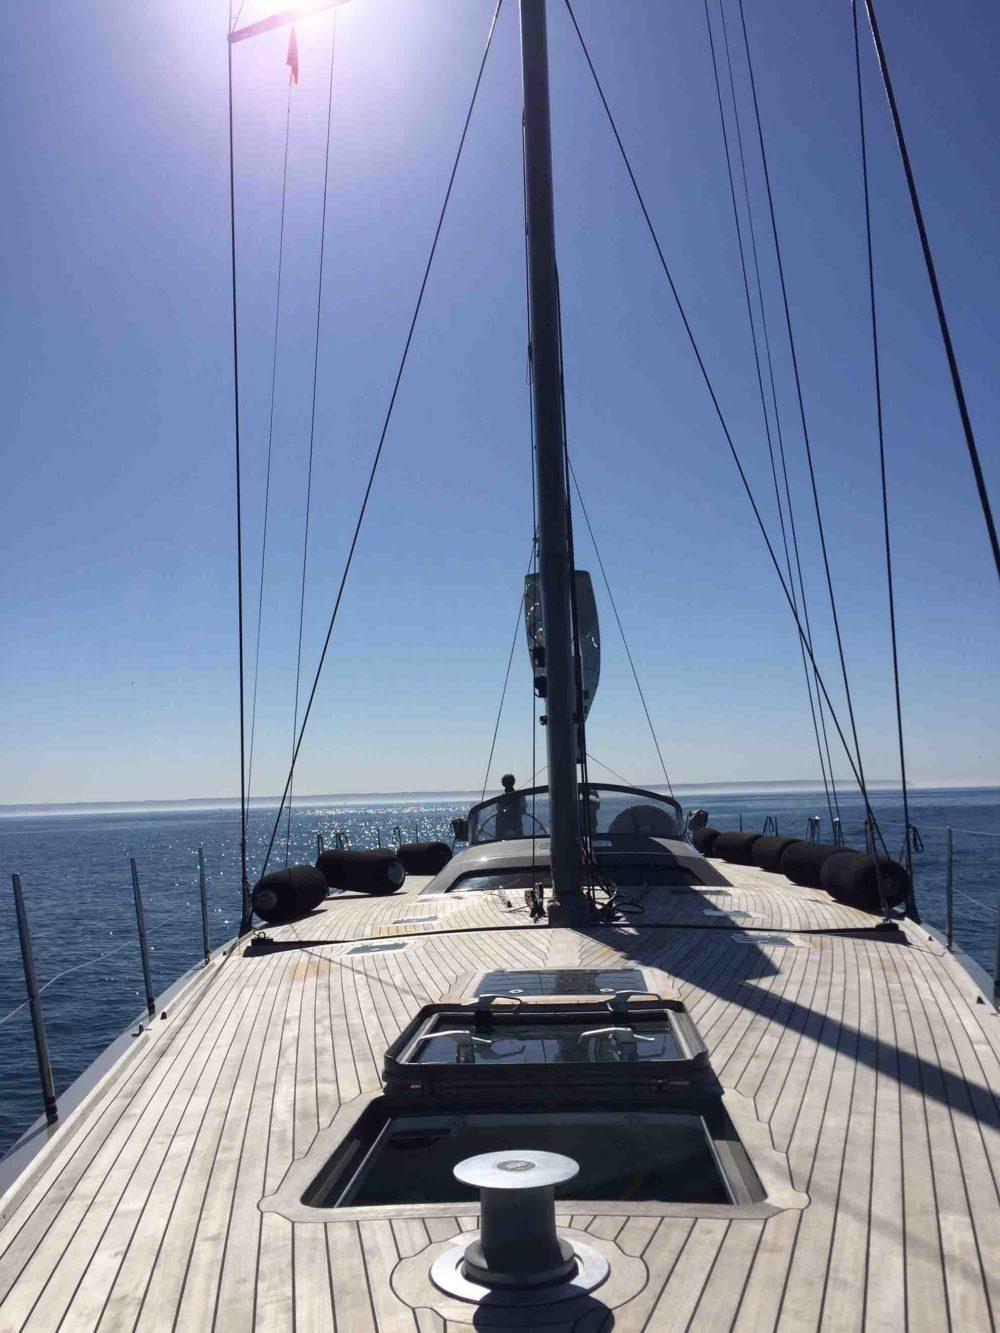 Reparación motores barco Mallorca   Waterline Boat